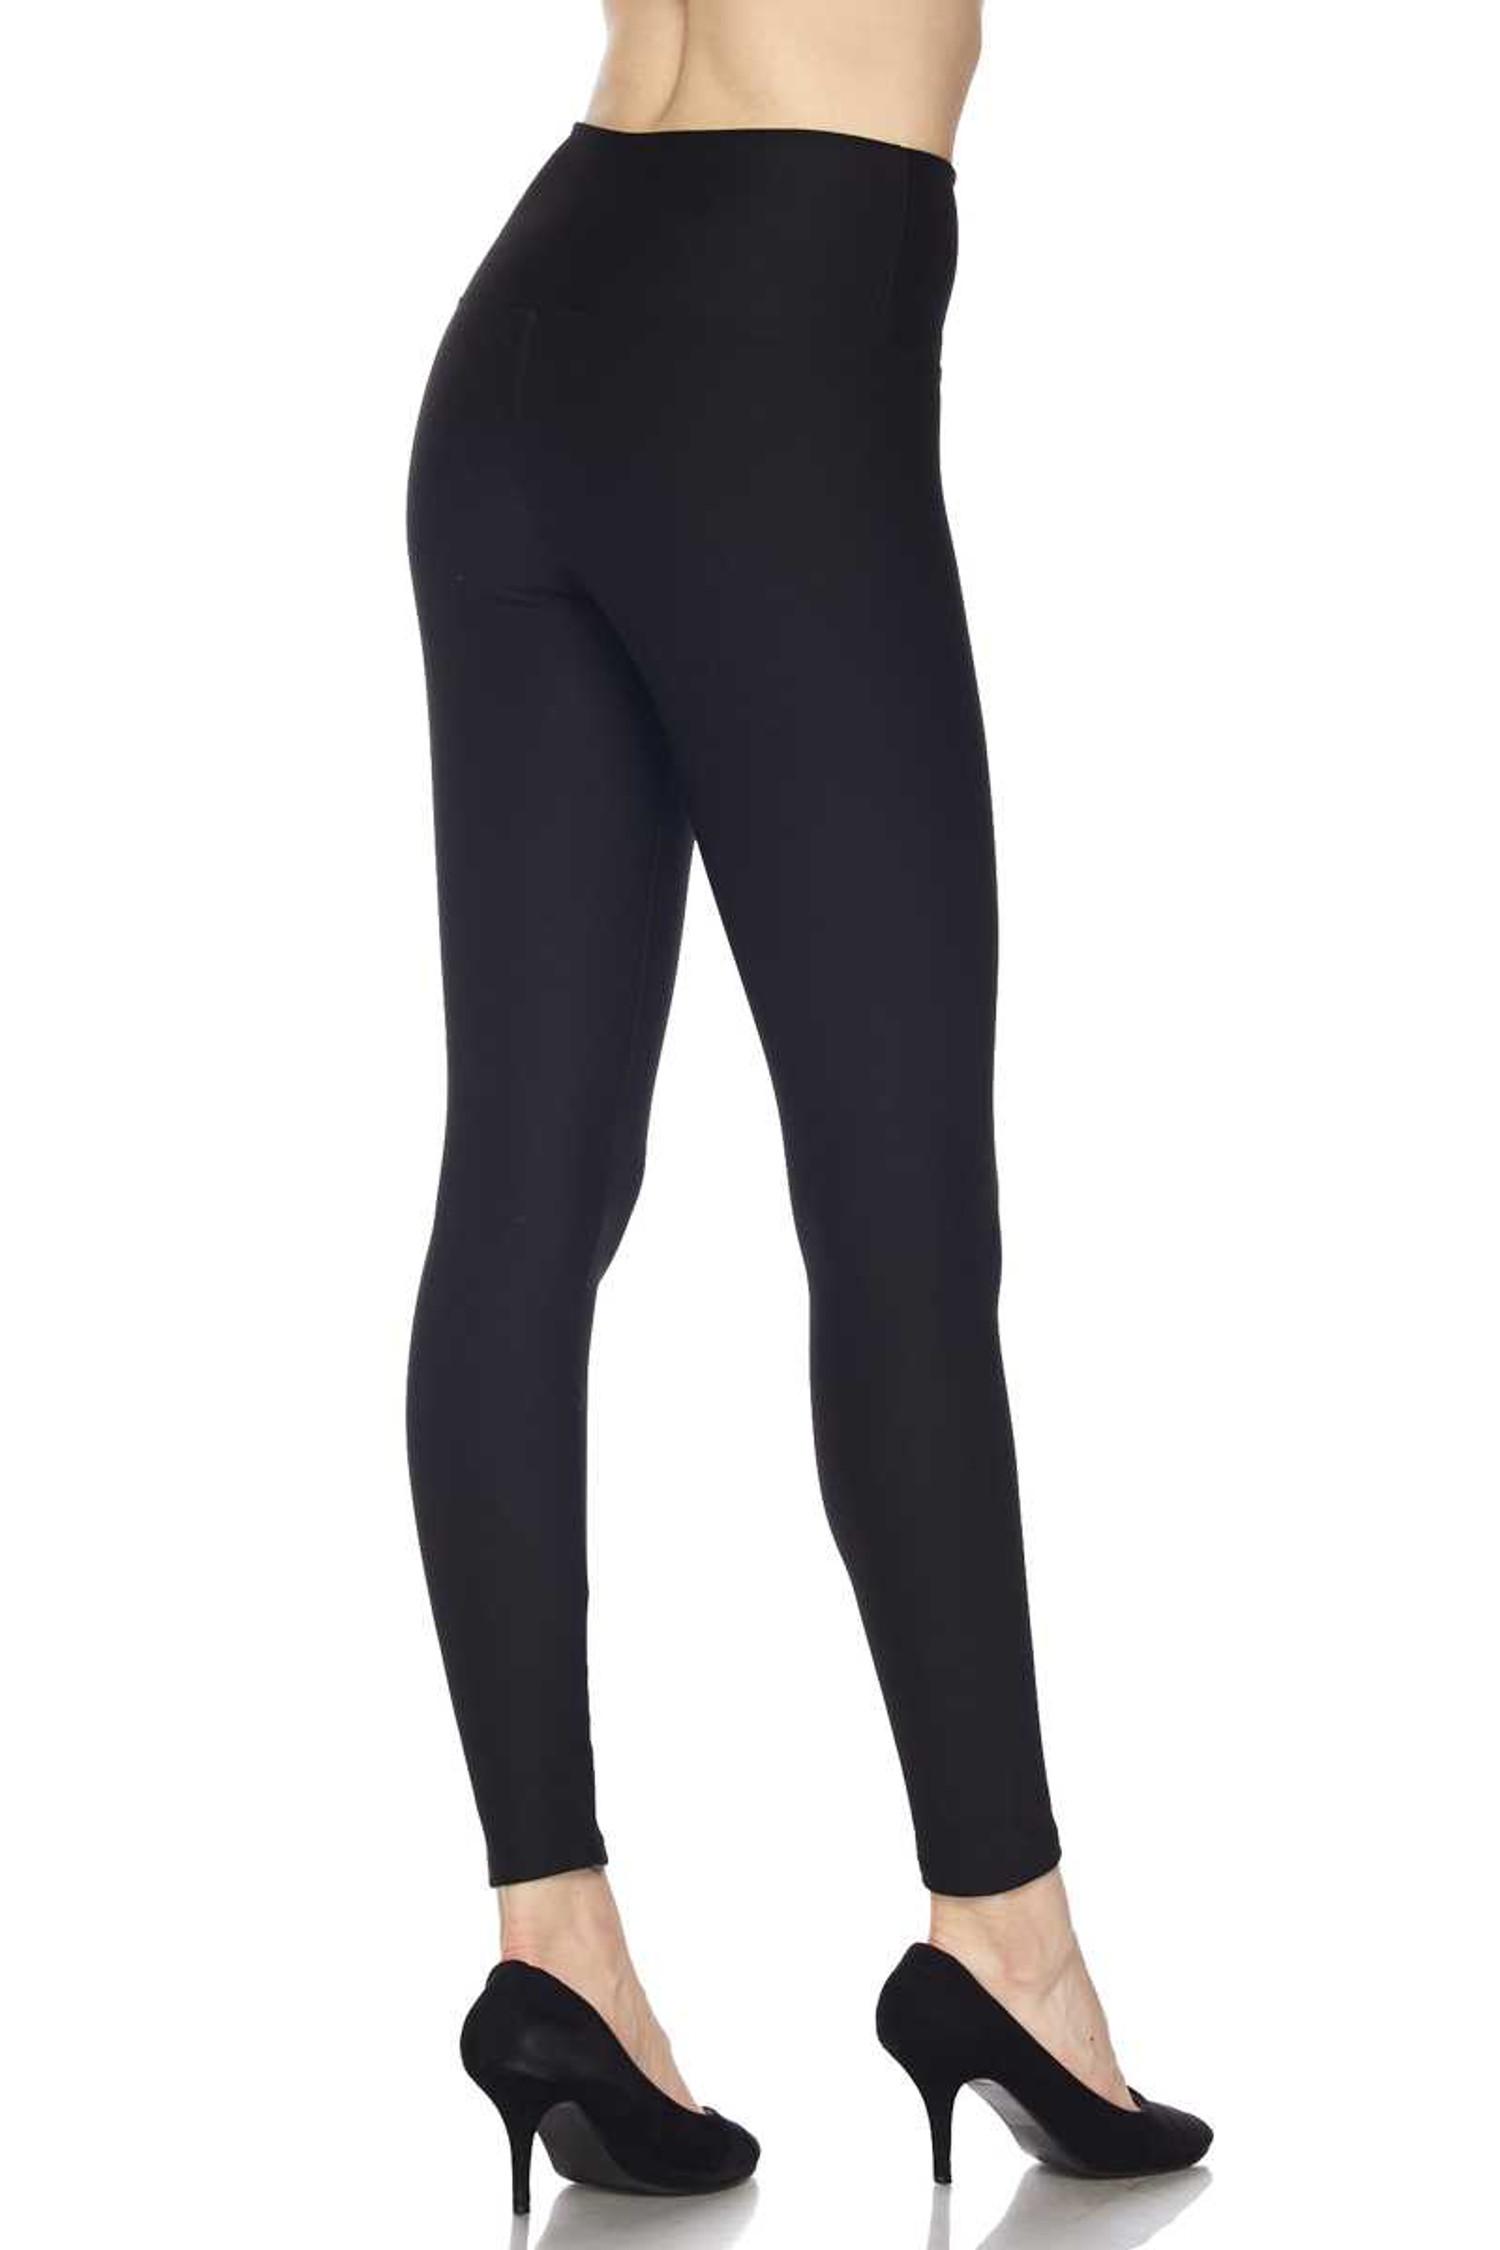 Silky Smooth Black Scuba High Waisted Leggings - 5 Inch